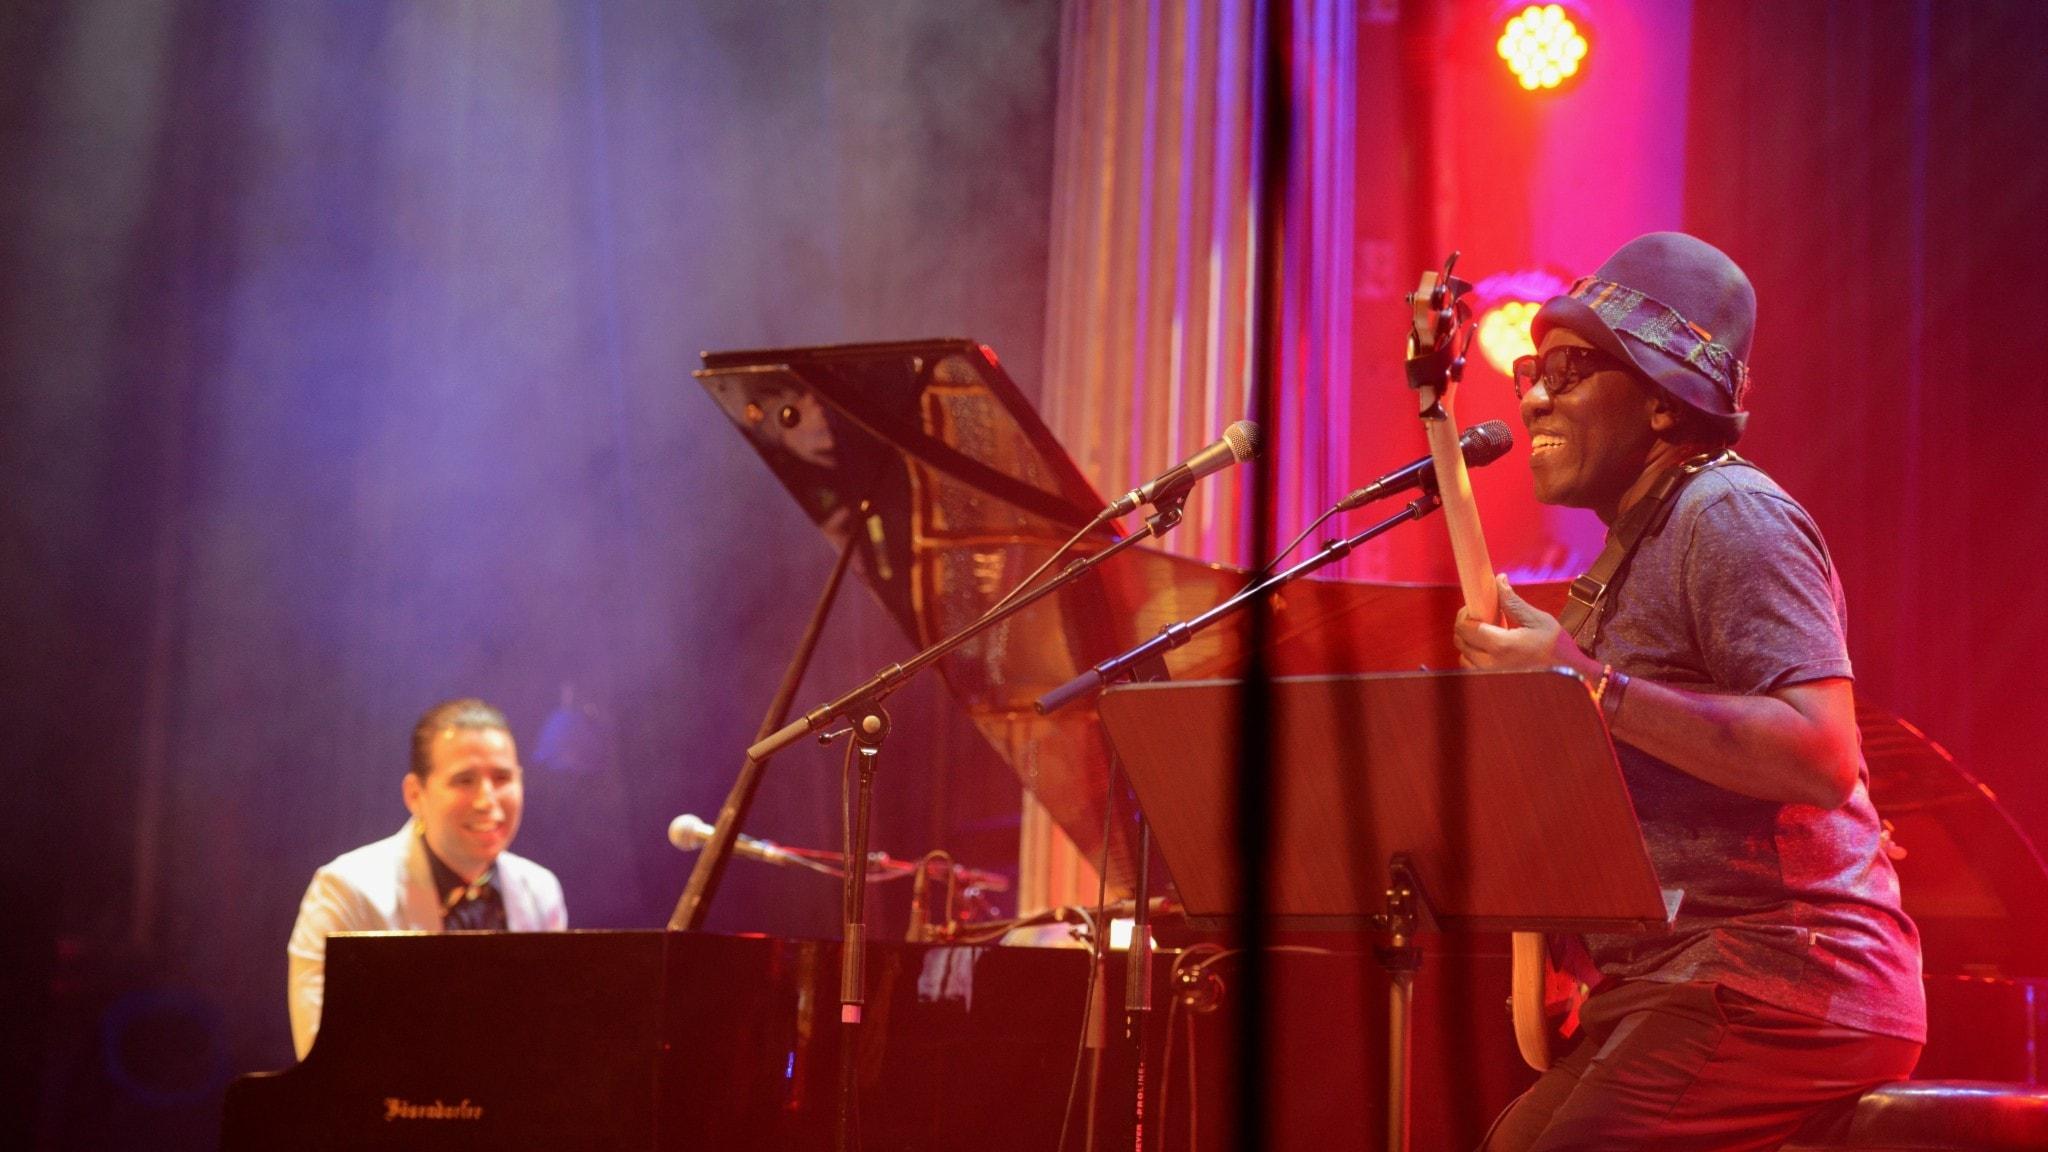 En pianist och en basist på en rökfylld scen